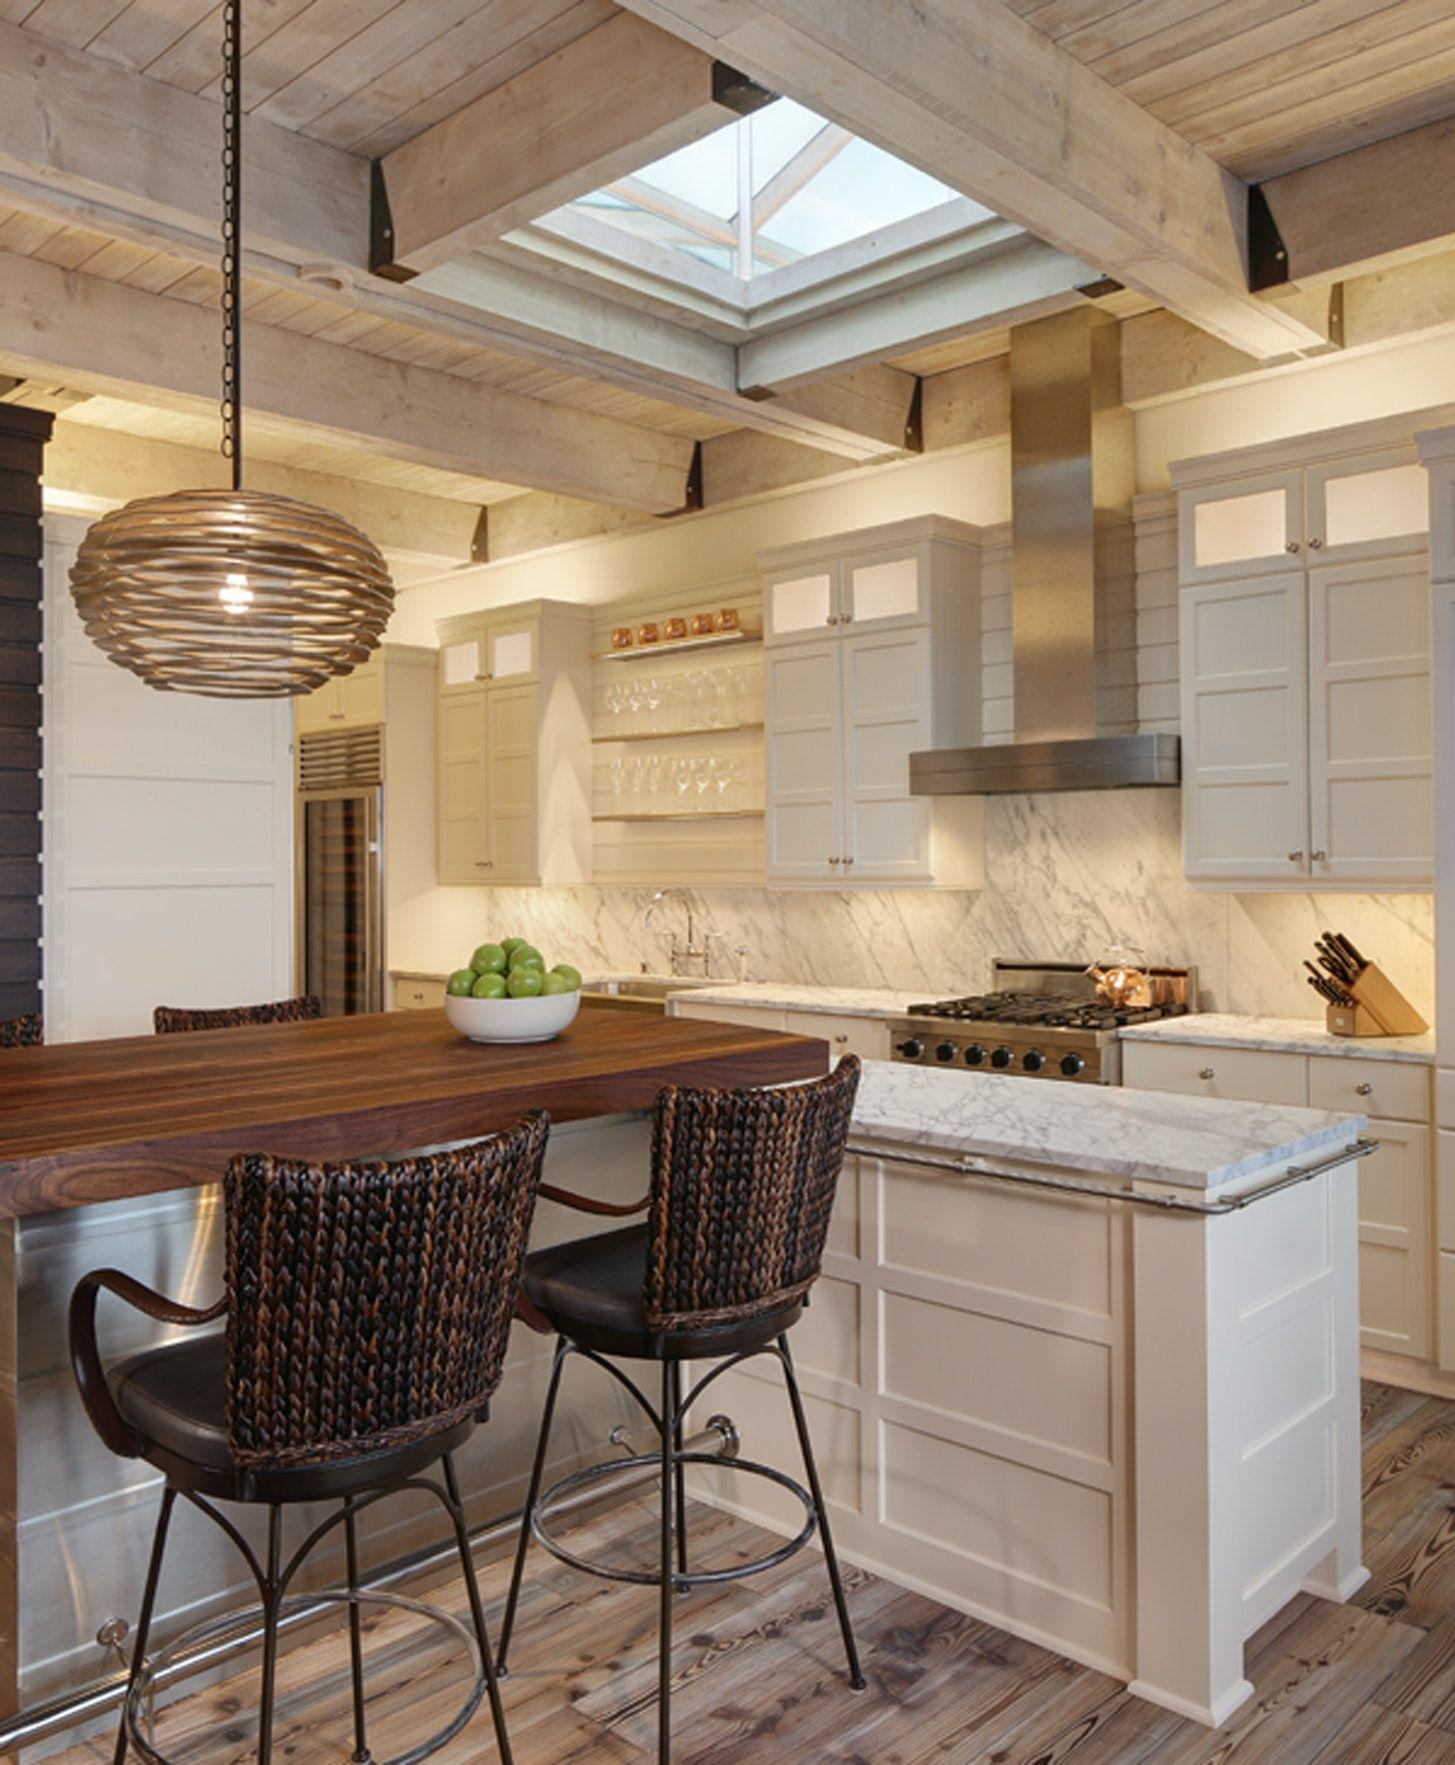 Coastal Living Condominium Dining Area and Kitchen